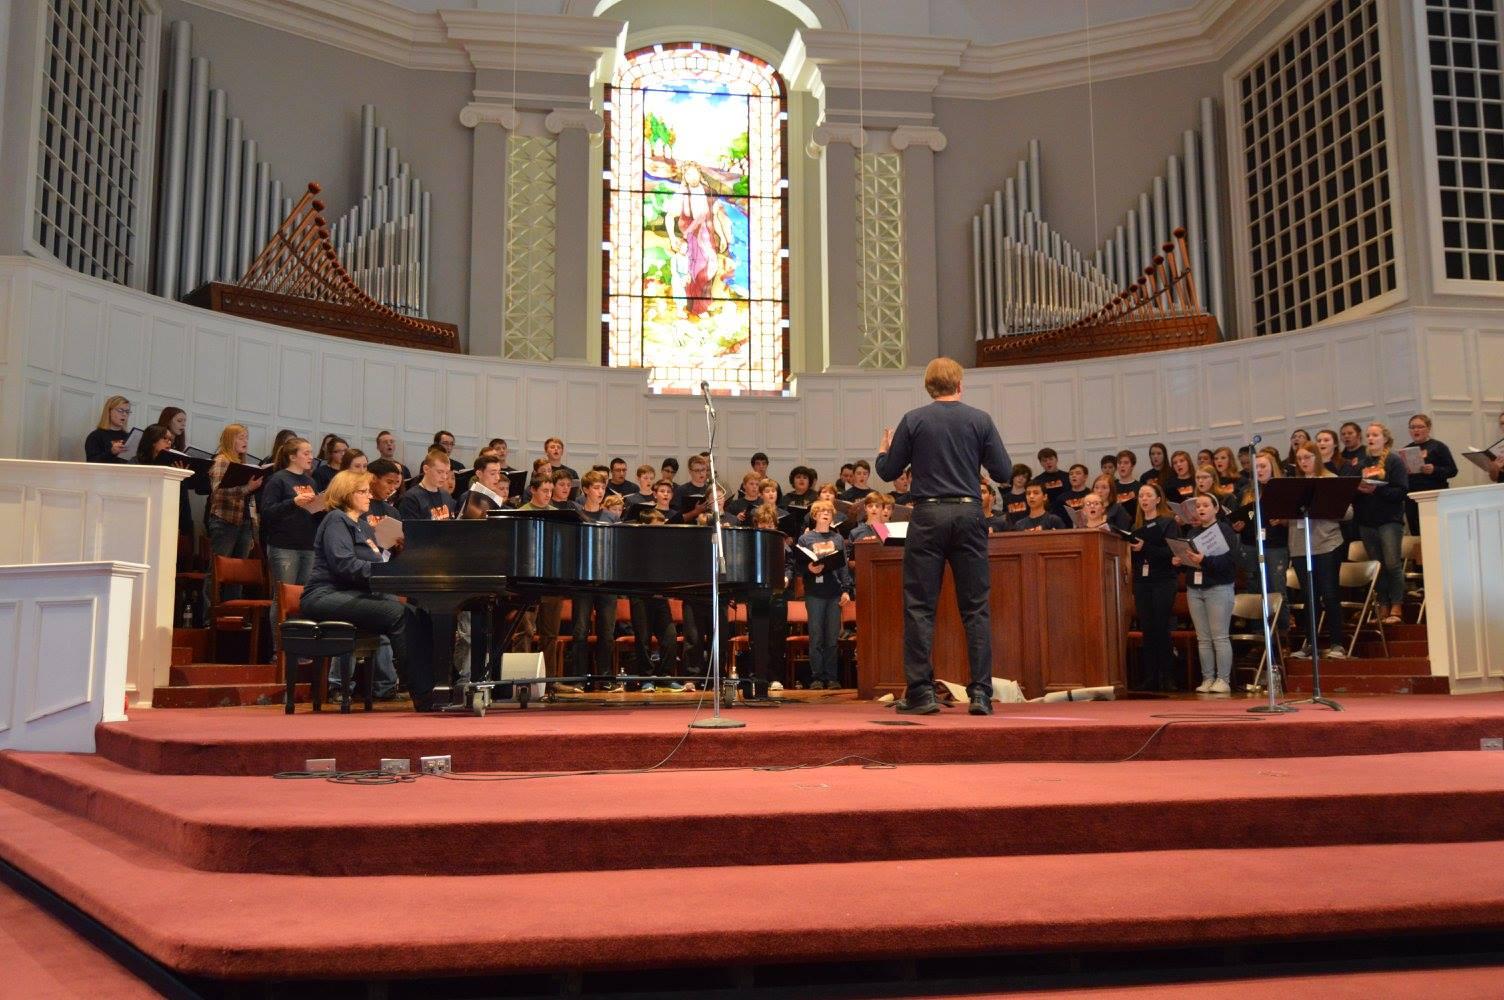 TN Baptist Youth Choir Festival